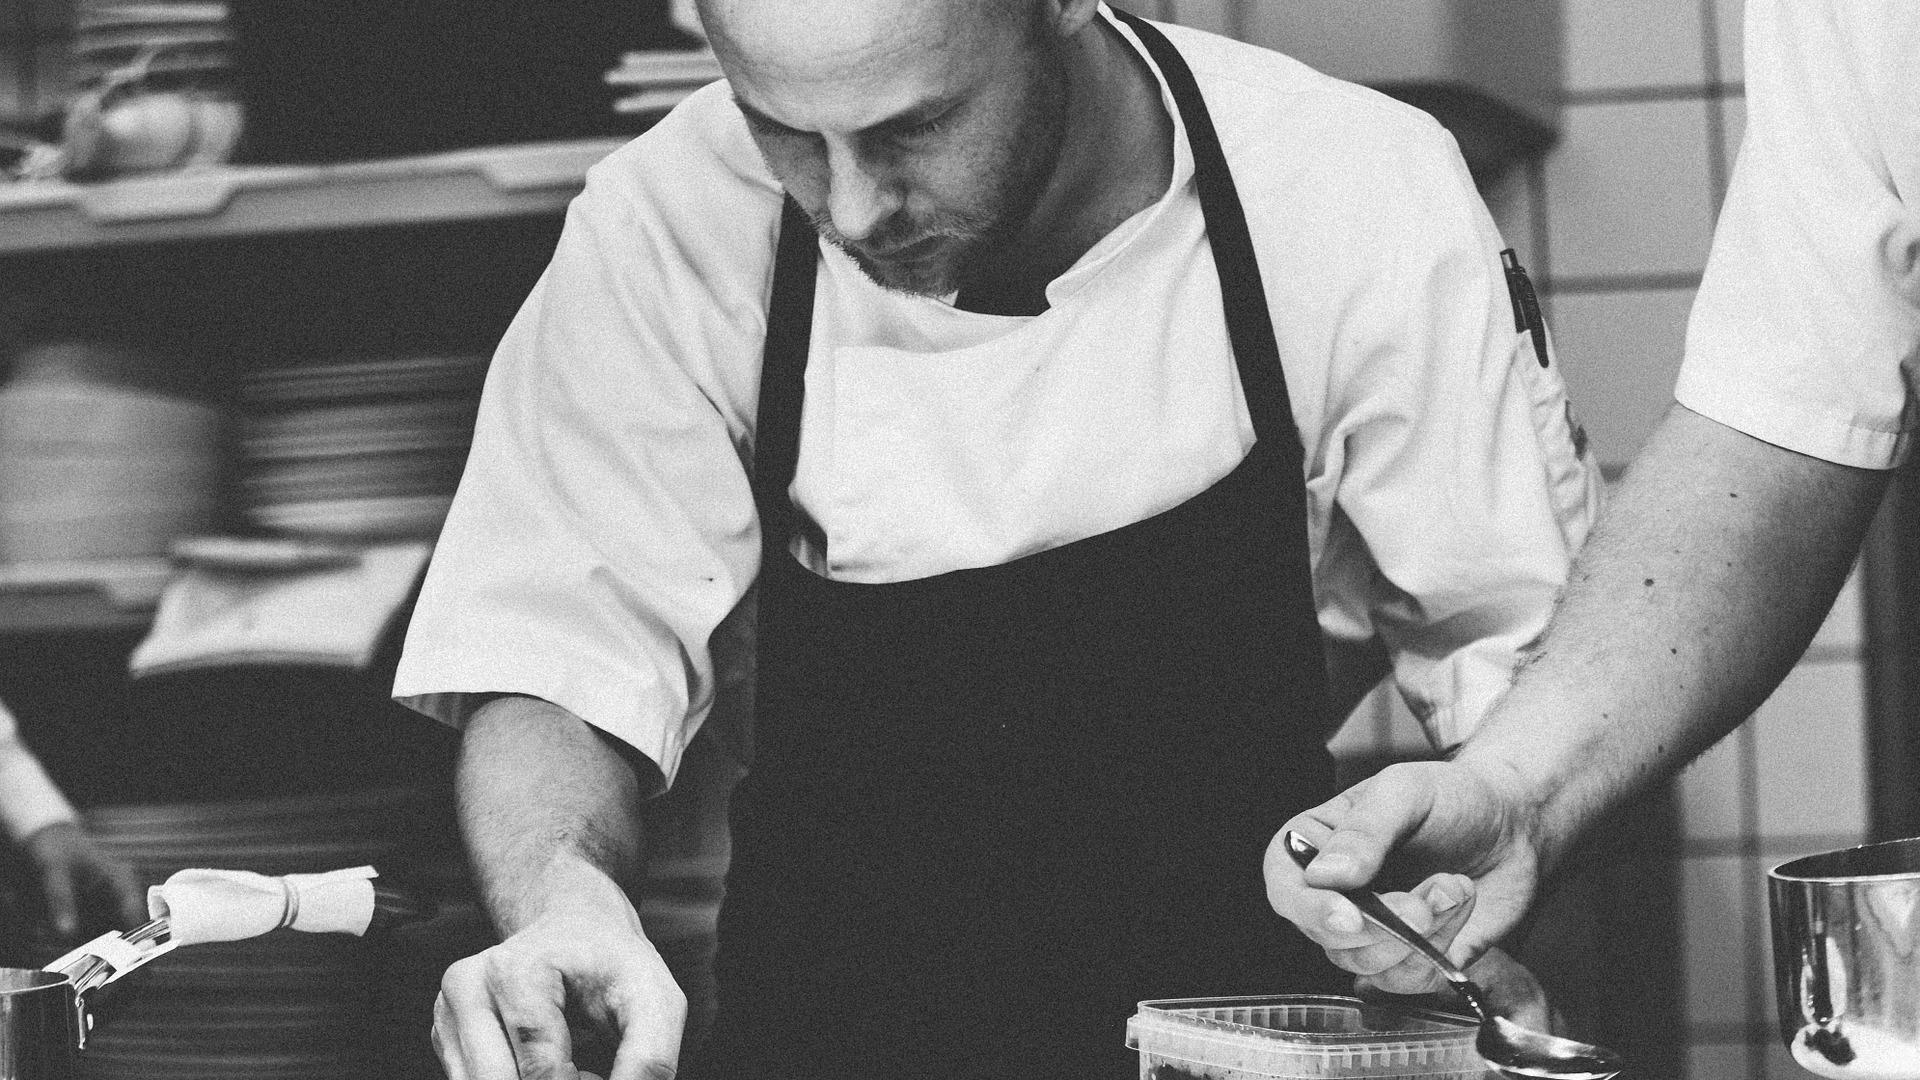 chef-Küchenchef - 1245676_1920 Cropped